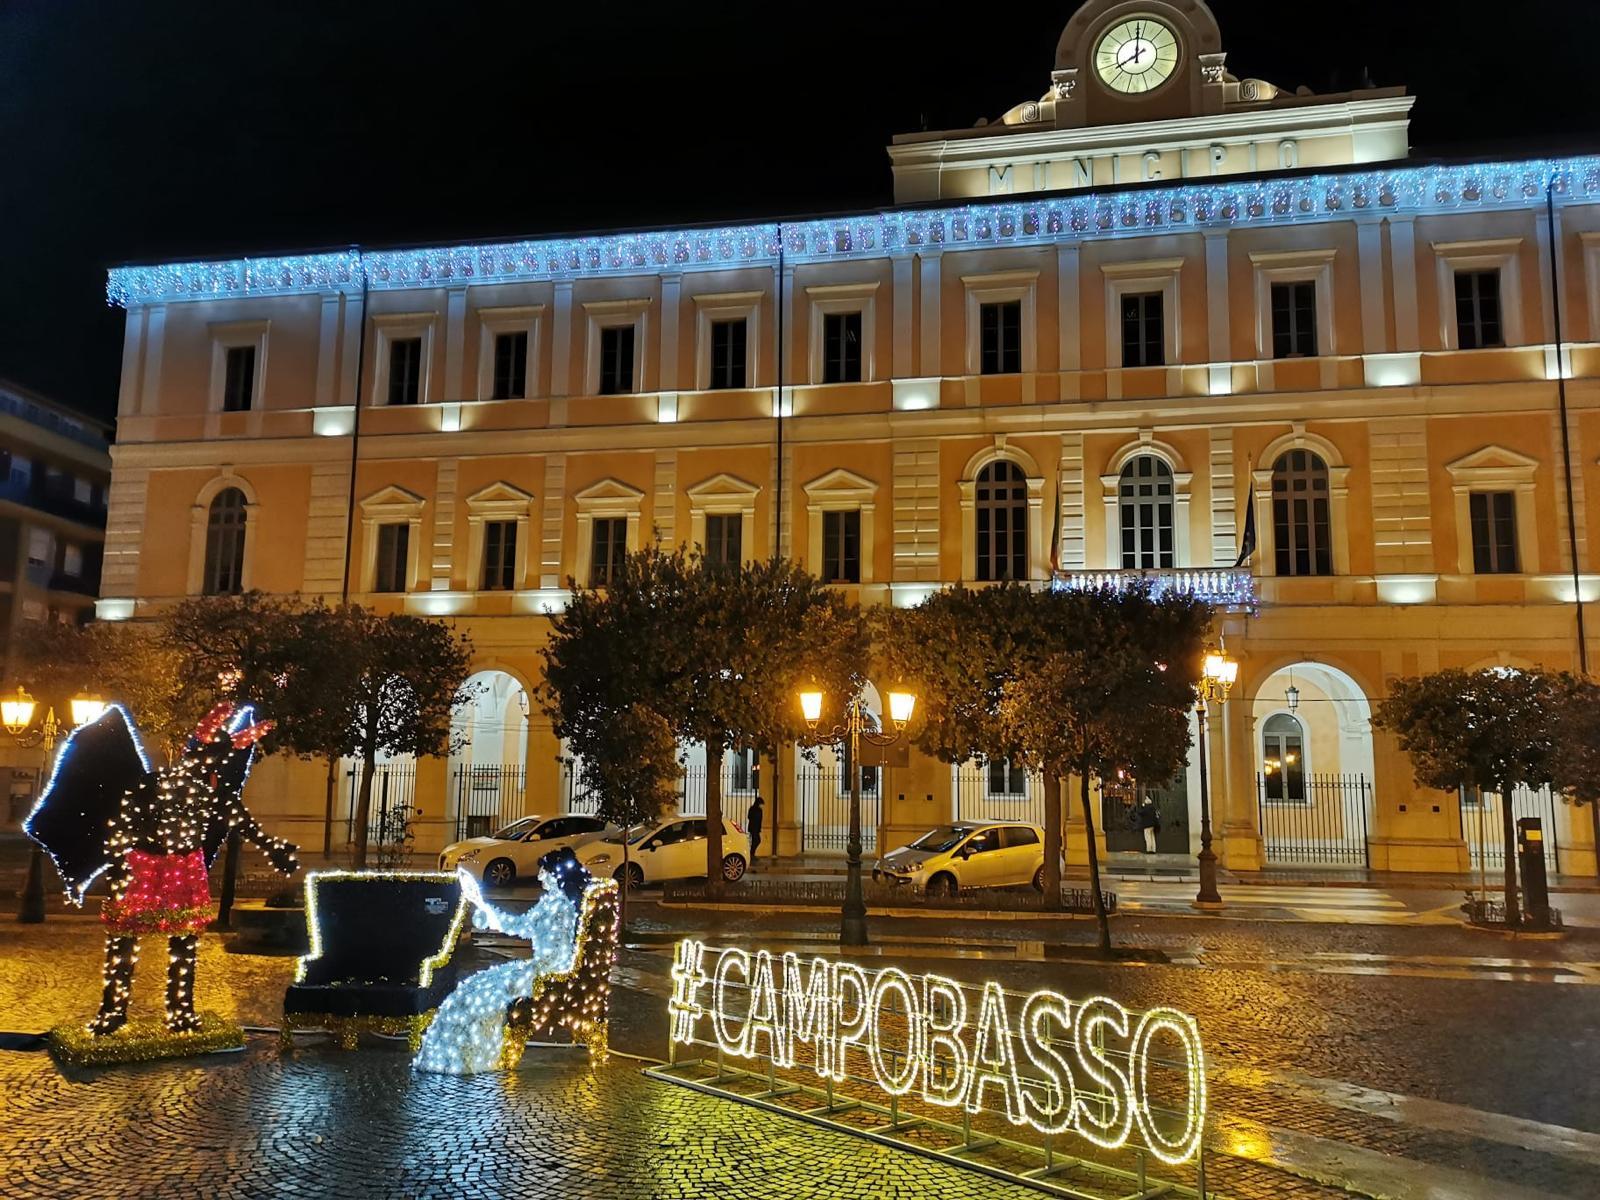 La piazza di Campobasso di notte con gli addobbi natalizi